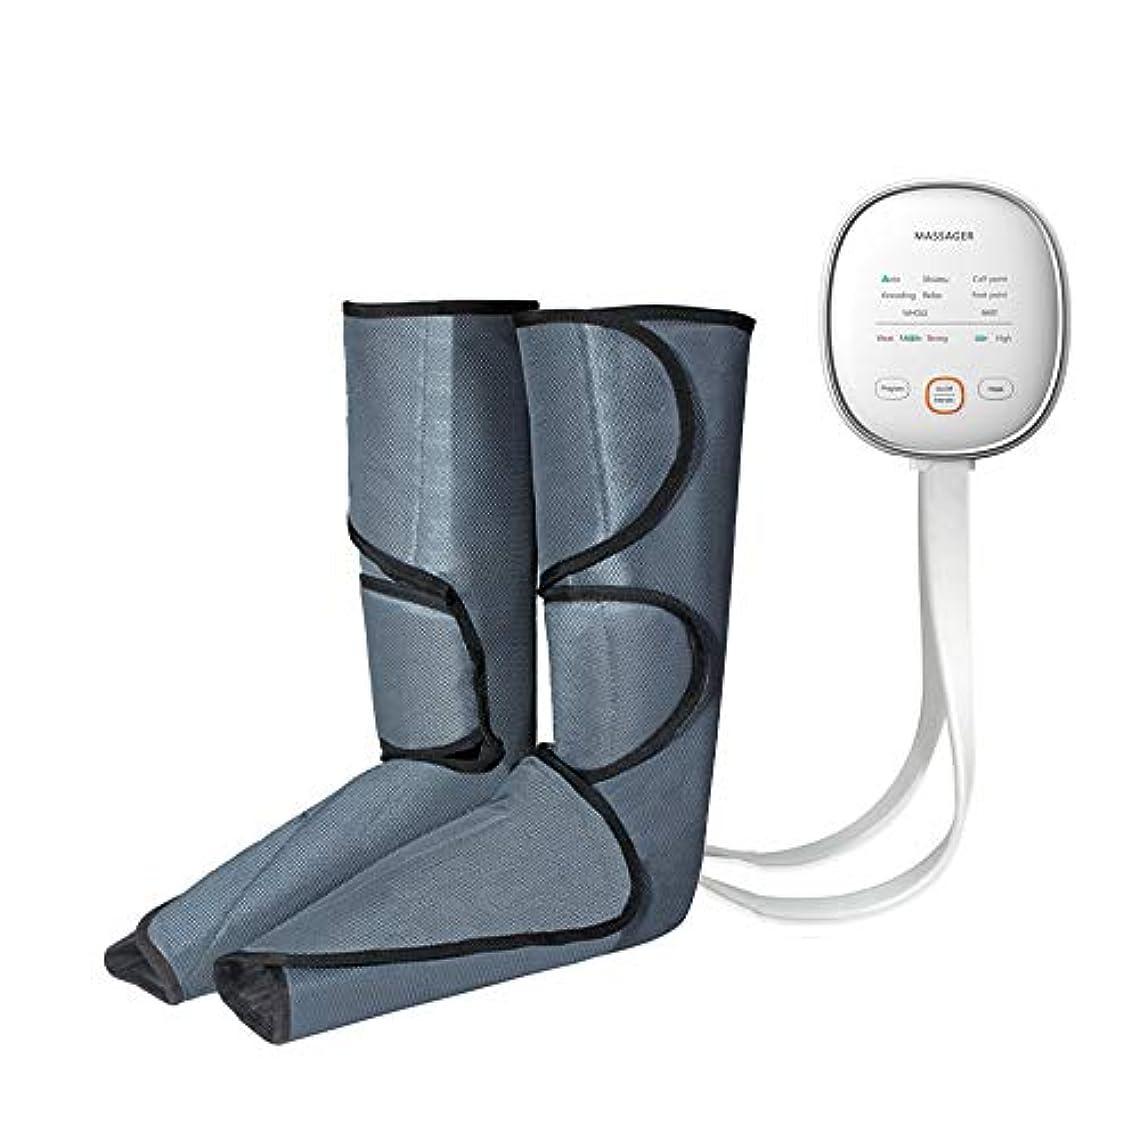 モード難破船画面フットマッサージャー エアーマッサージャー器 足とふくらはぎマッサージ 温感機能 3つ段階の強さ フット空気圧縮マッサージ 血行の促進 疲労回復